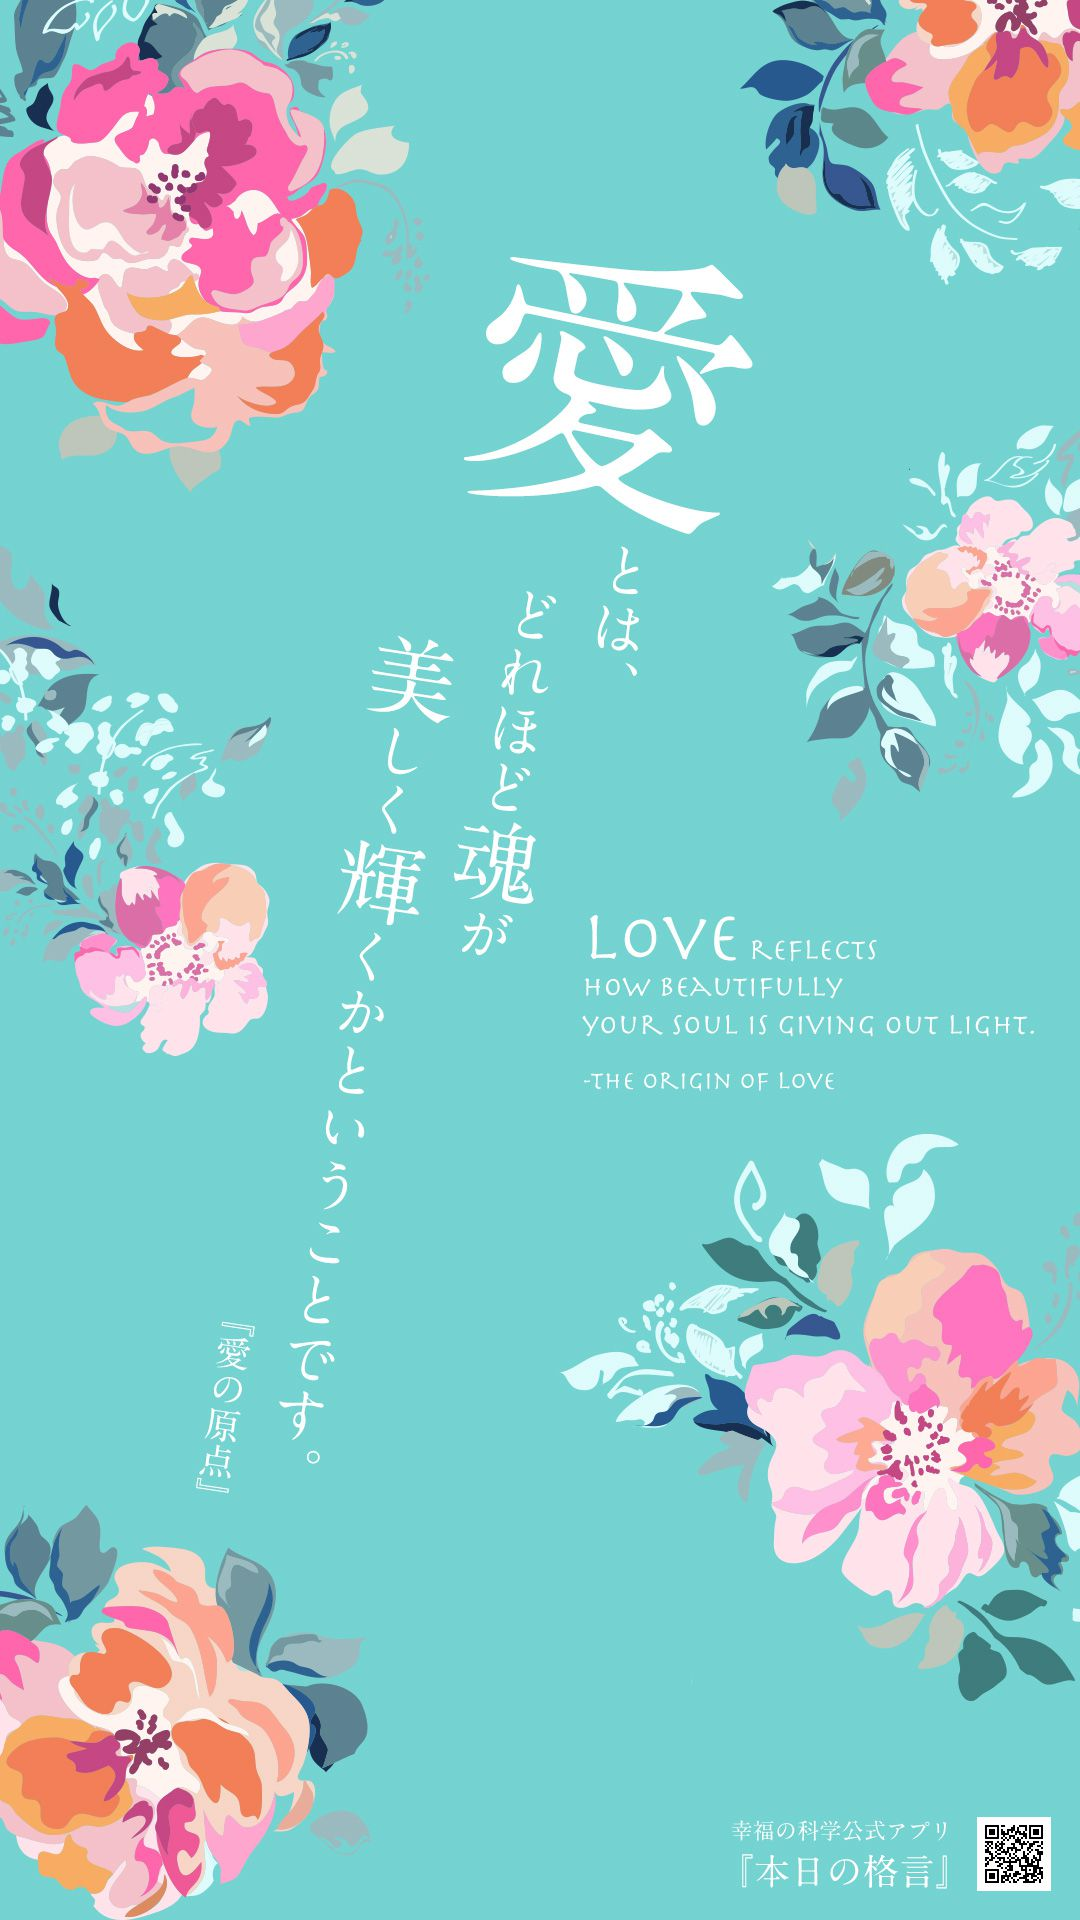 愛とは【本日の格言】